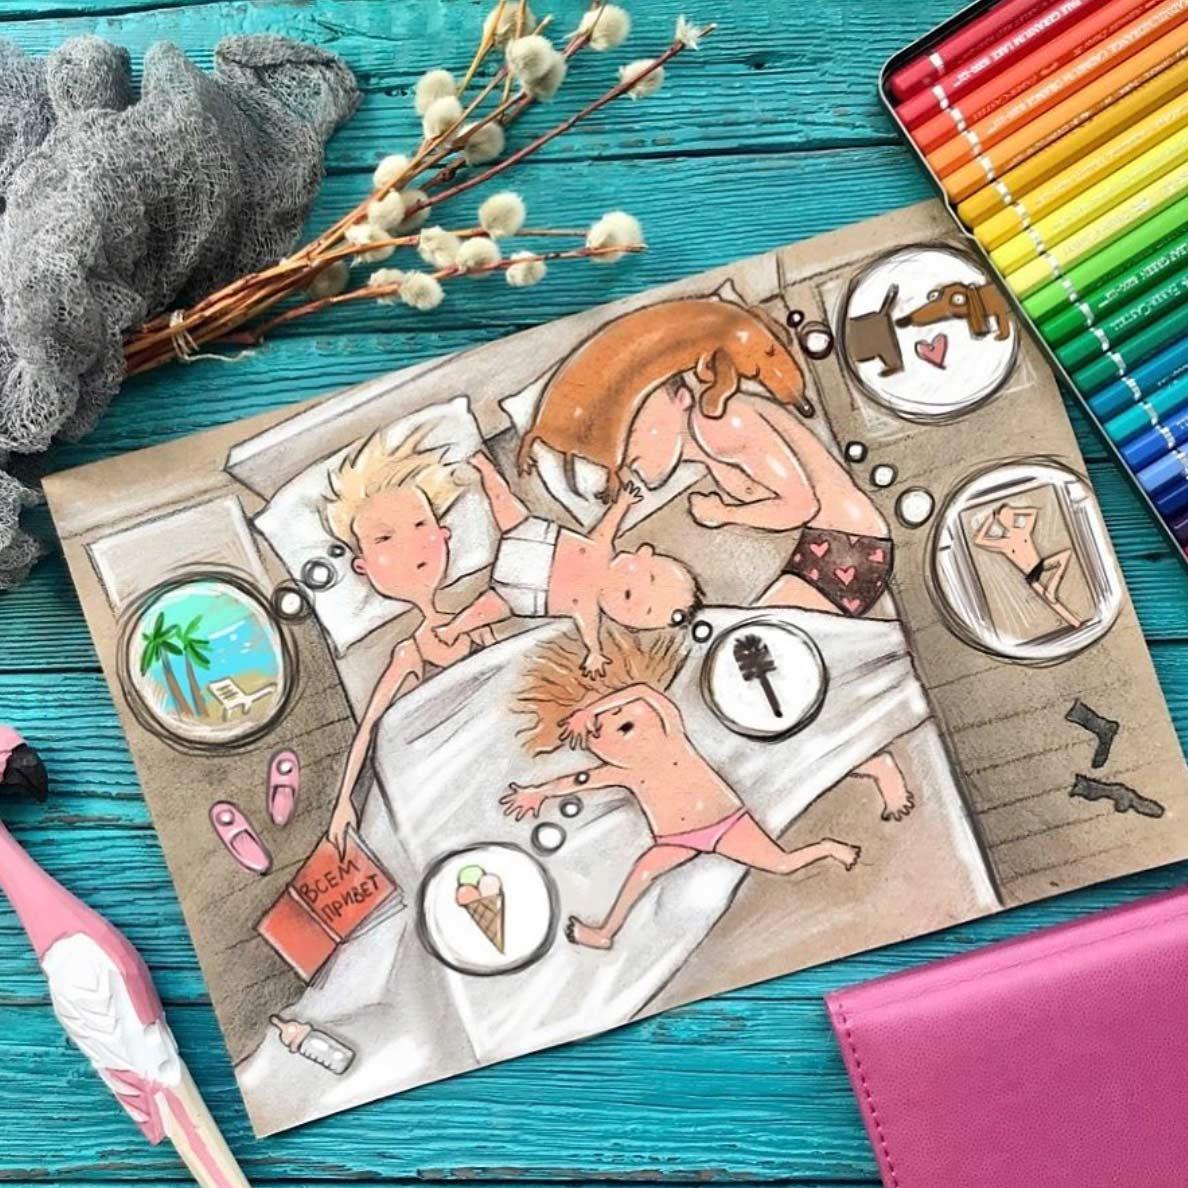 Gezeichnet vom Elterndasein Maria-Gorbunova-gezeichnetes-elterndasein_01